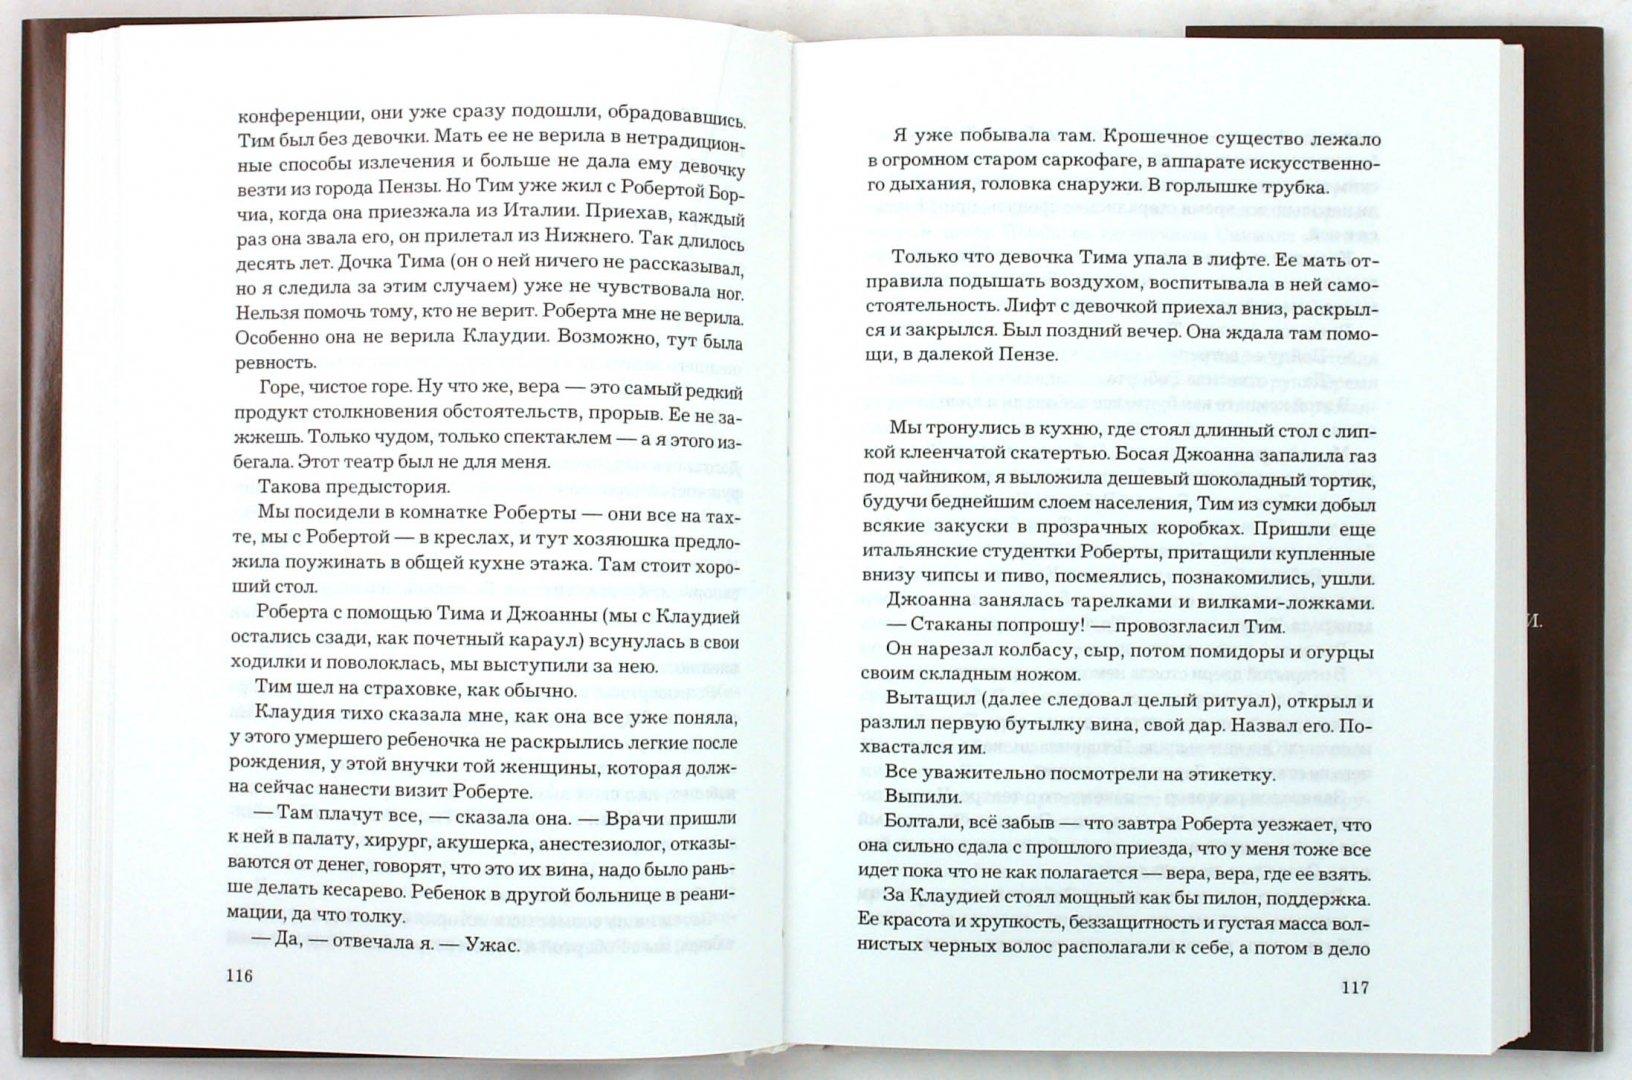 Иллюстрация 1 из 11 для Два царства - Людмила Петрушевская   Лабиринт - книги. Источник: Лабиринт